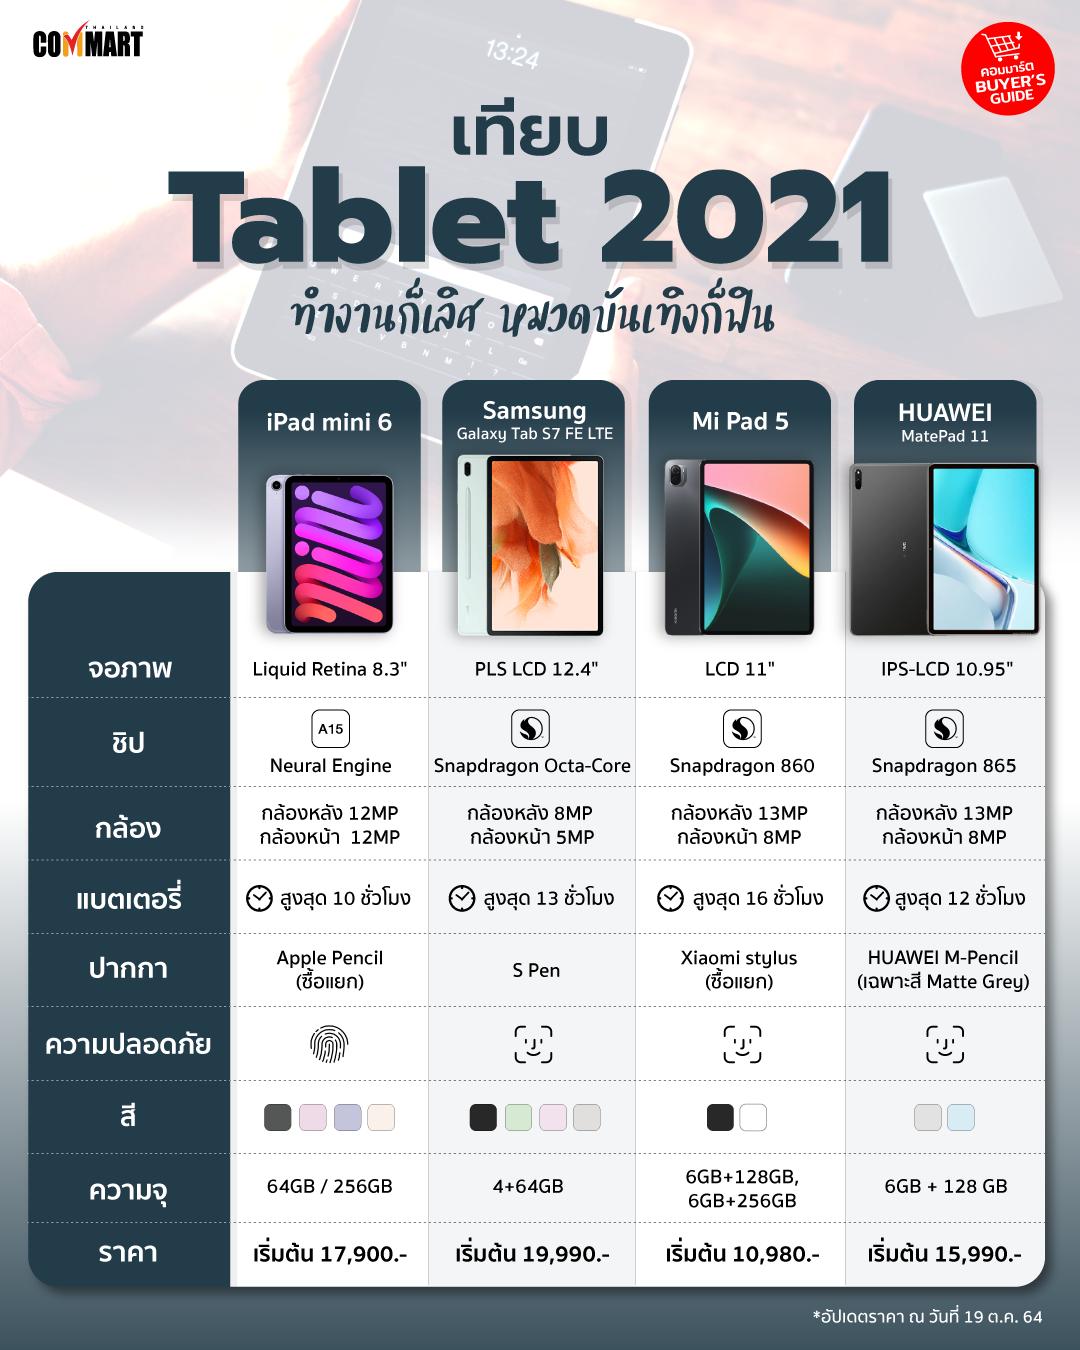 เทียบ Tablet 2021 ทำงานก็เลิศ หมวดบันเทิงก็ฟิน